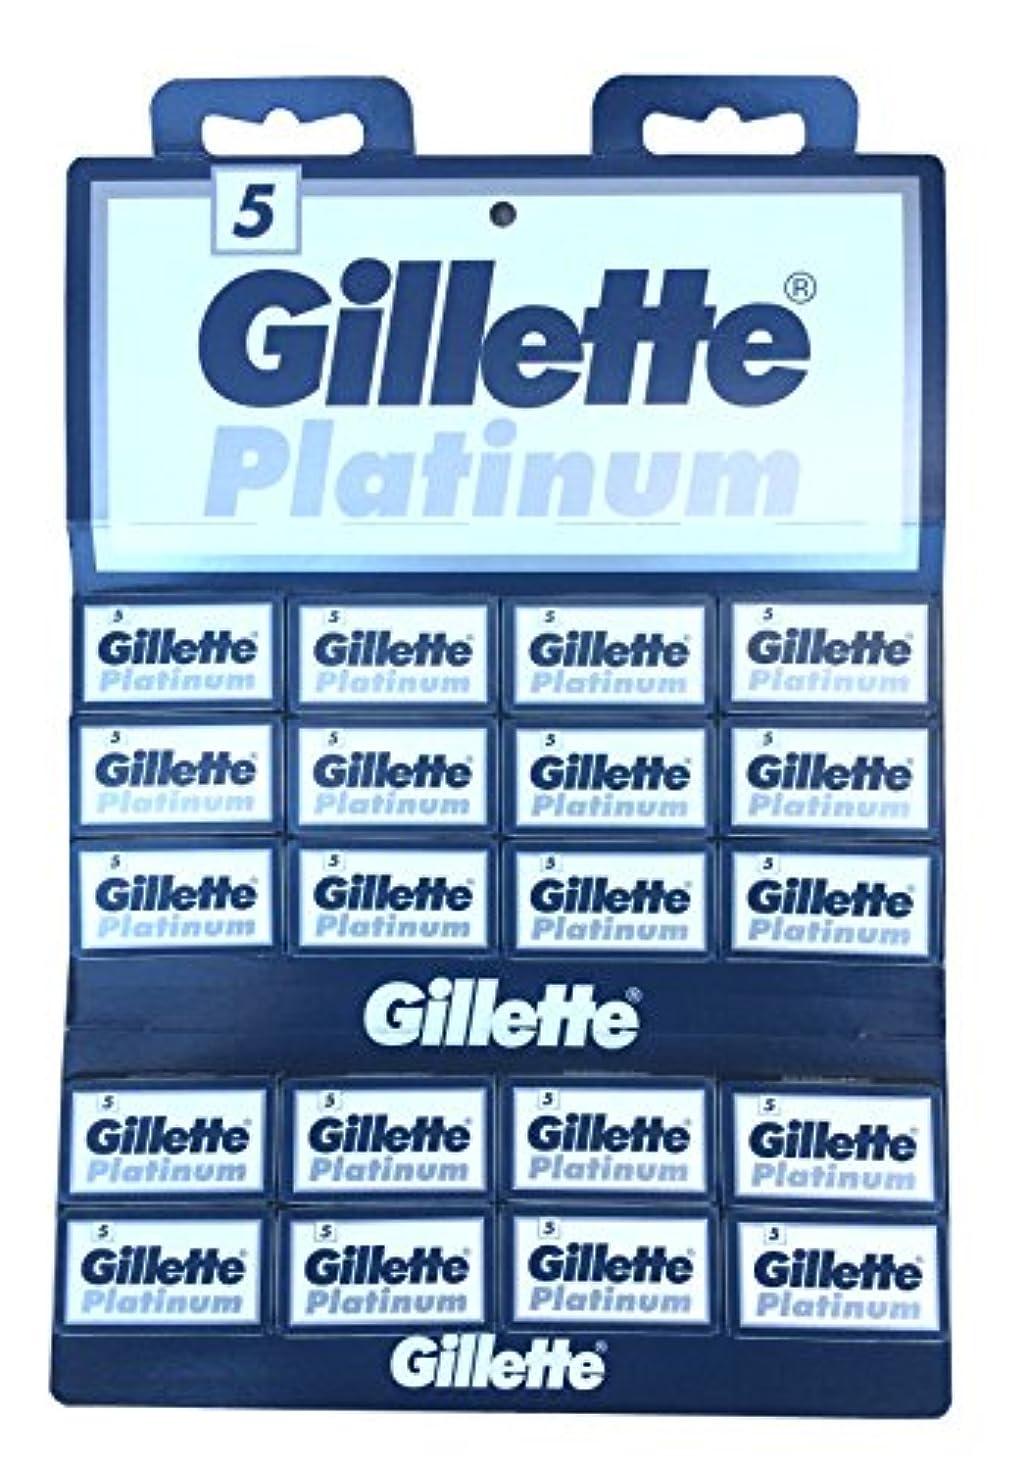 同時誓い頭痛Gillette Platinum 両刃替刃 100枚入り(5枚入り20 個セット)【並行輸入品】